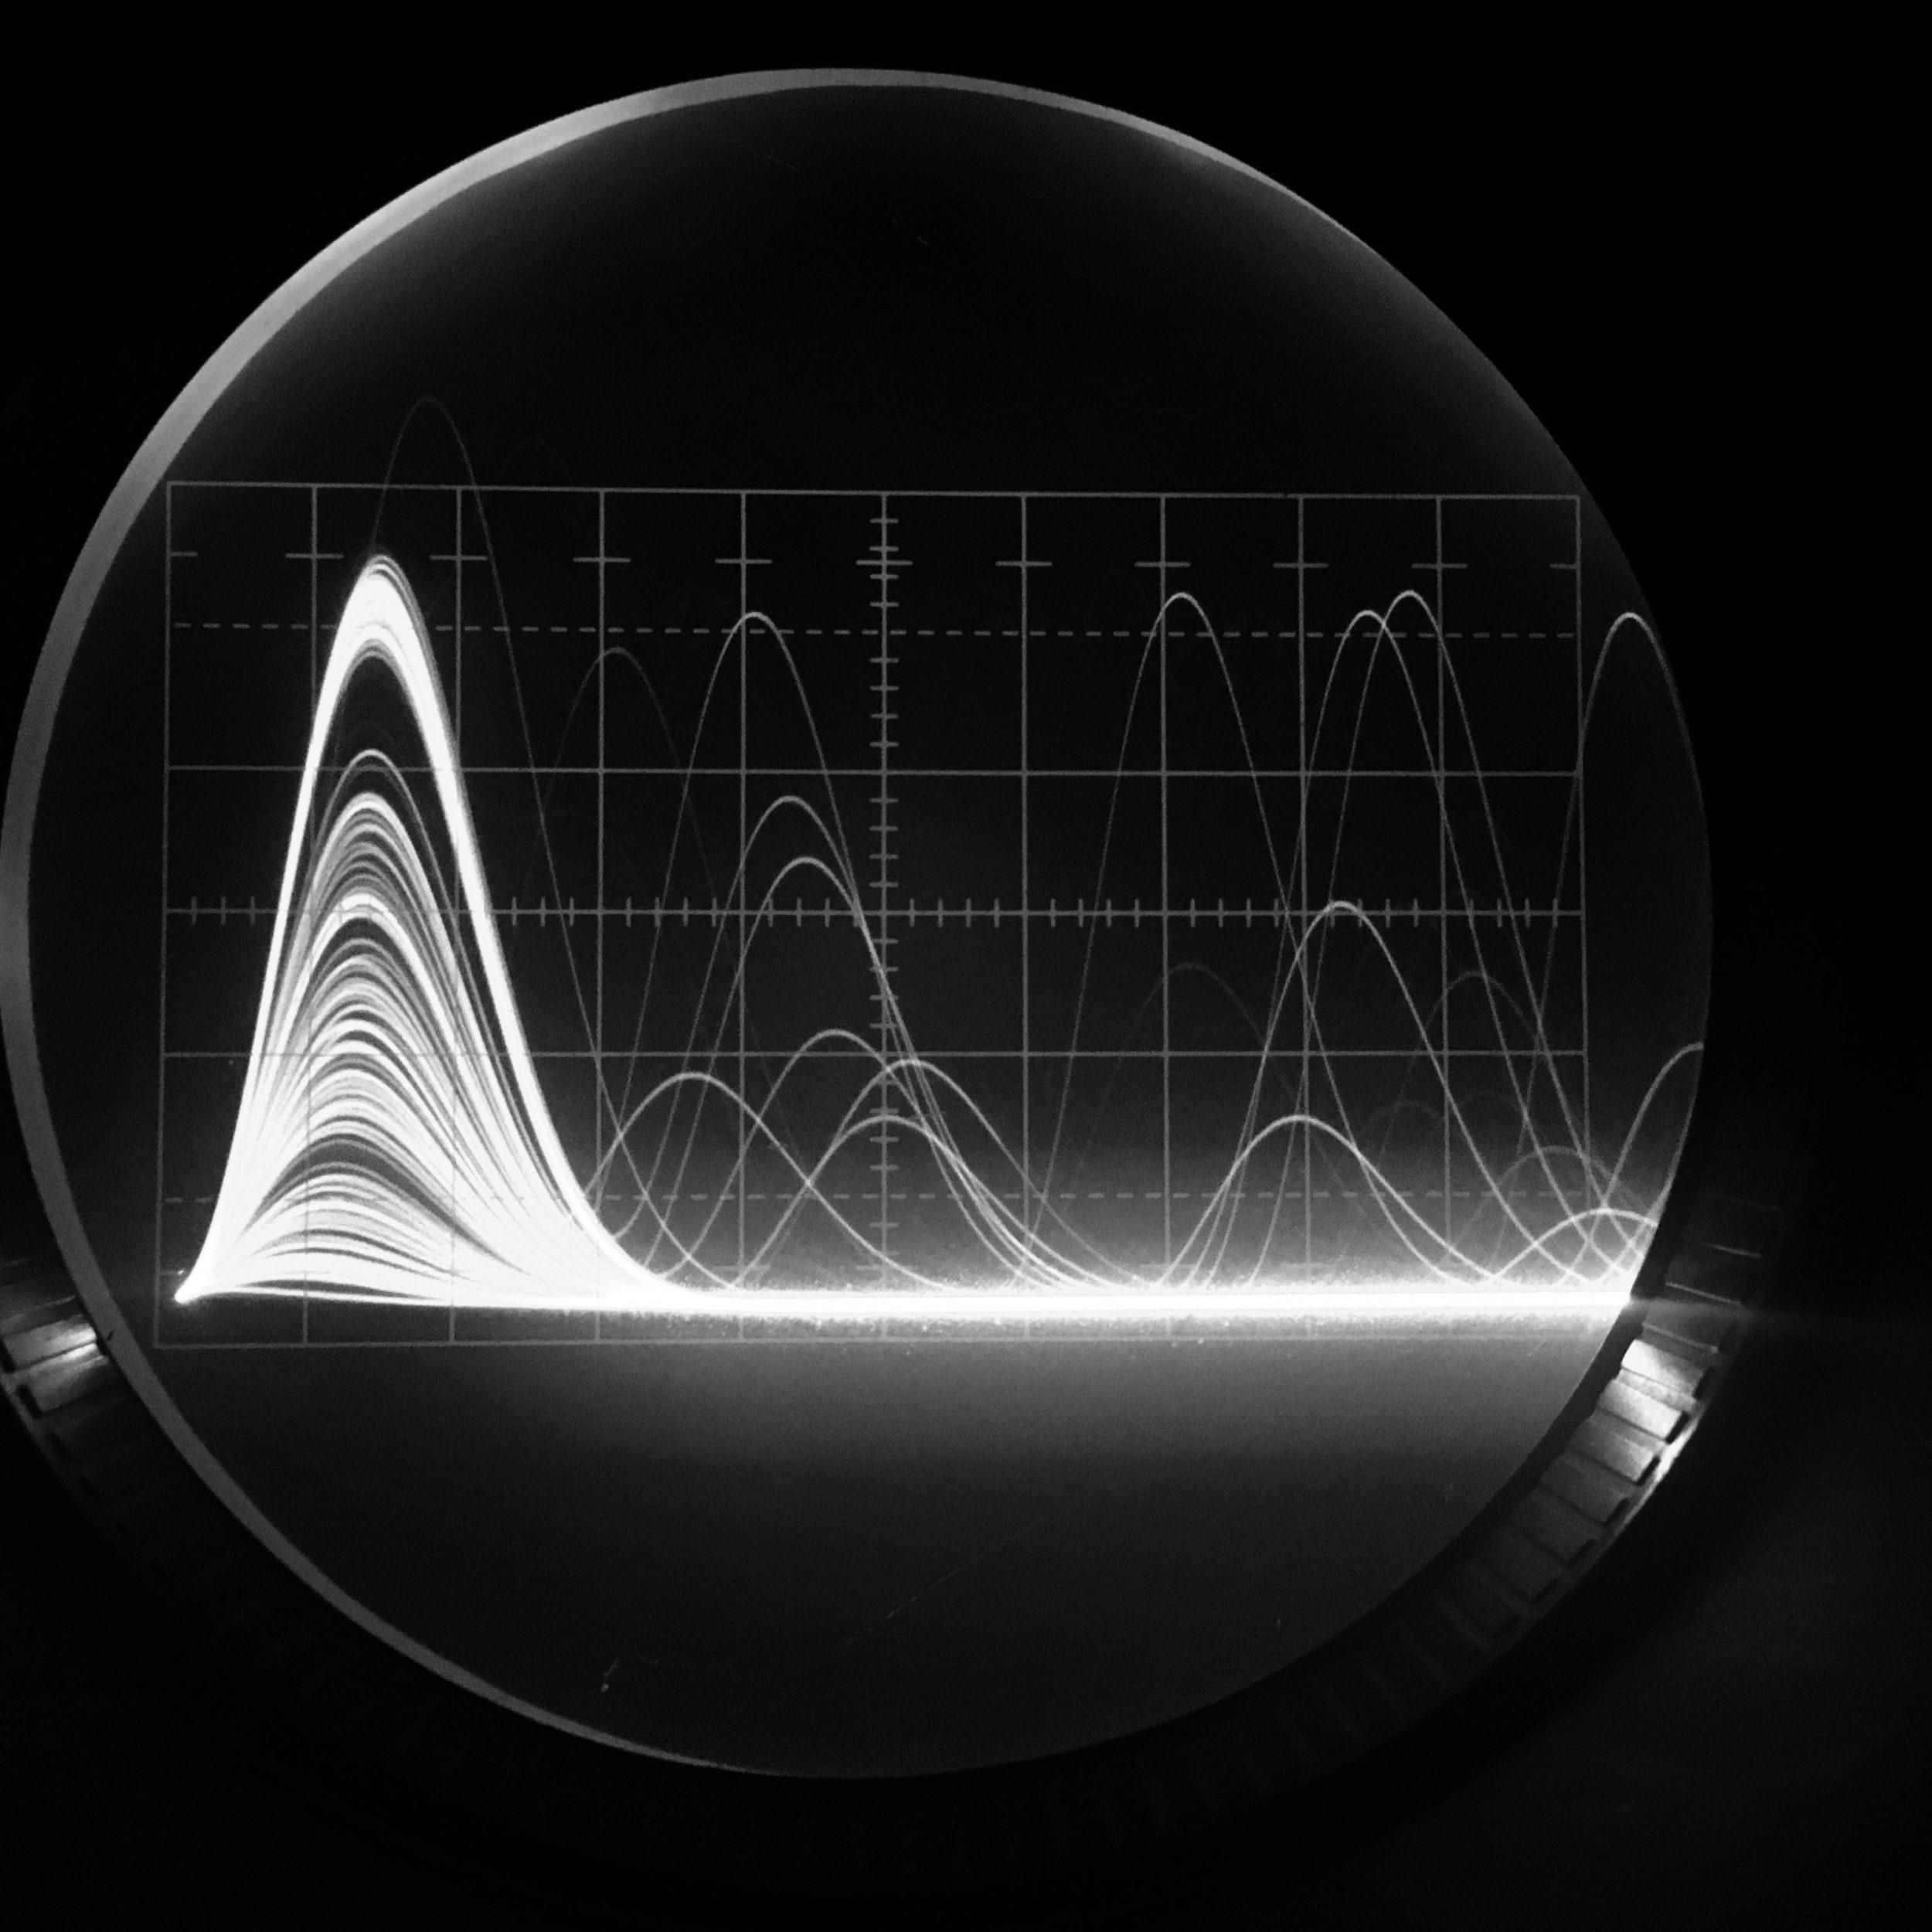 Gamma Ray Spectroscopy